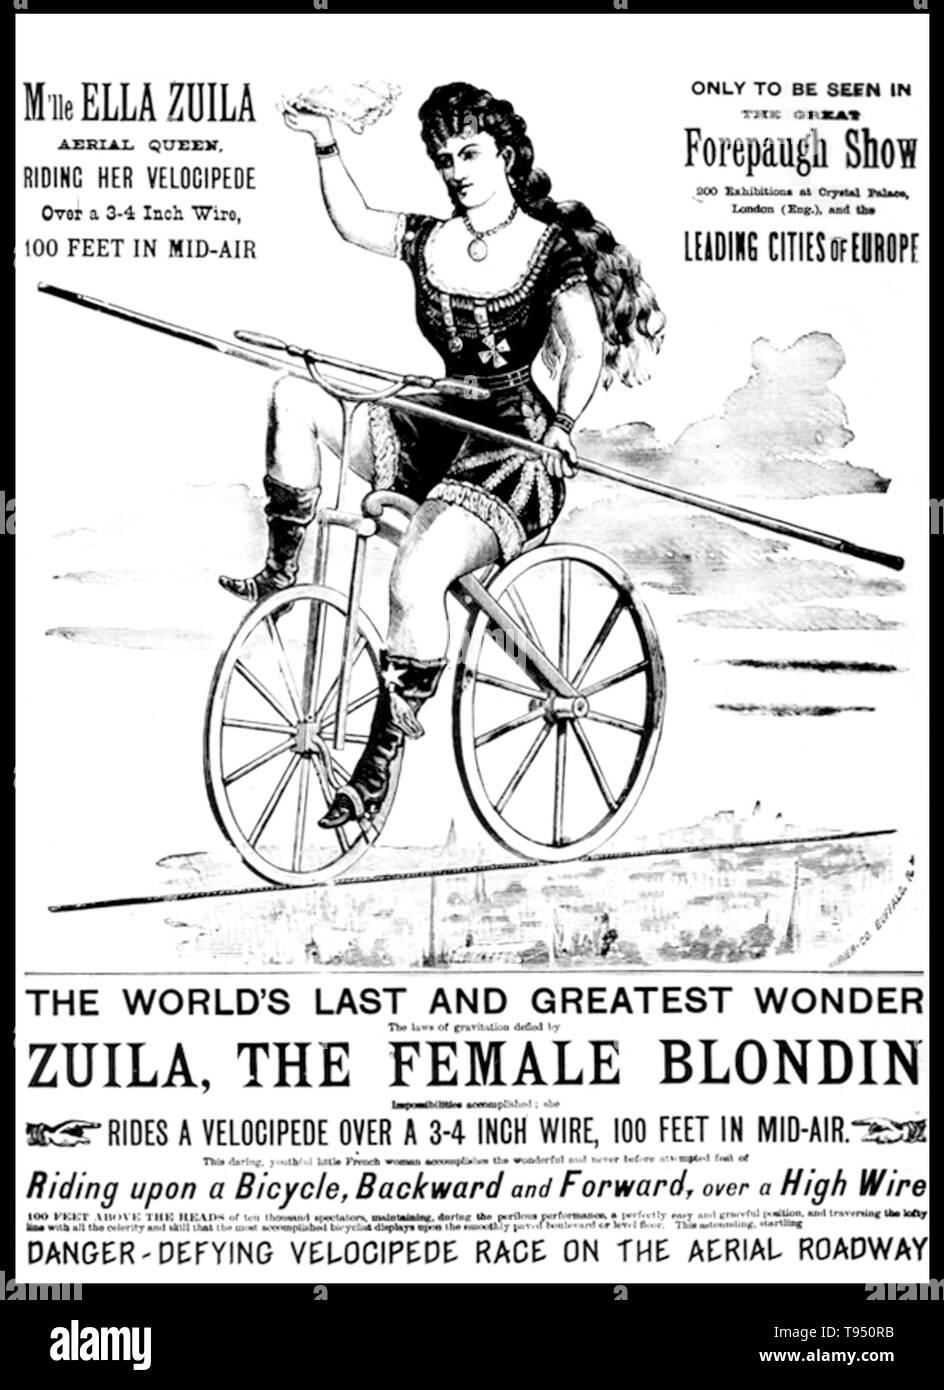 Ella Zuila (mort en 1926) était le plus célèbre amuseur public australien de son temps. Ella n'a pas seulement à pied le fil; elle coupé à roues; un enfant de plus dans une brouette; il marcha sur pilotis et avec un bandeau de plein-corps, et, d'une occasion mémorable, suspendu par ses genoux pour attraper son feu-de-a-cannon mari, George Royal. Sa carrière est venu à une fin tragique à Dublin, le 26 août 1904, lorsqu'elle et son tricycle est tombé du haut fil dans la salle ronde de la rotonde. Il n'y avait pas de filet de sécurité, et elle était trop gravement blessé pour effectuer de nouveau. Elle est décédée en 1926. Banque D'Images